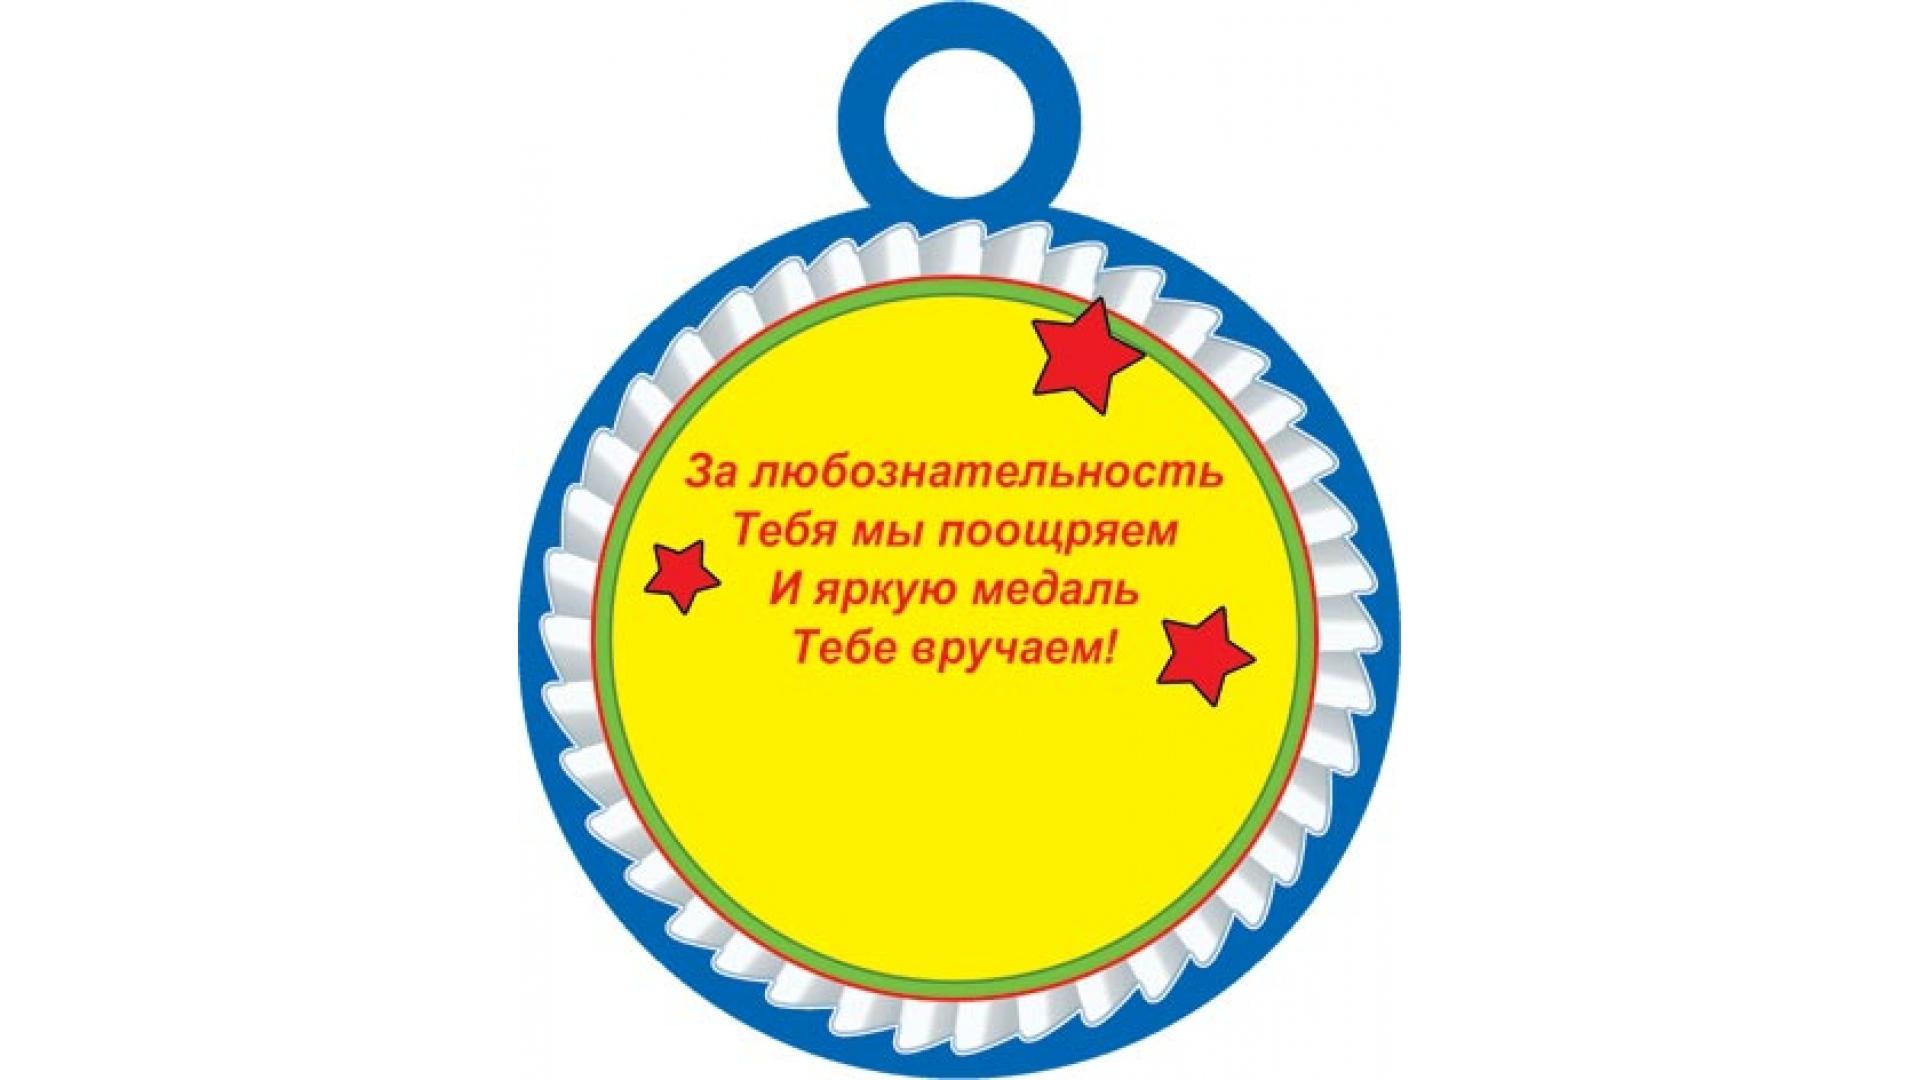 Медаль красноречивый гость картинки